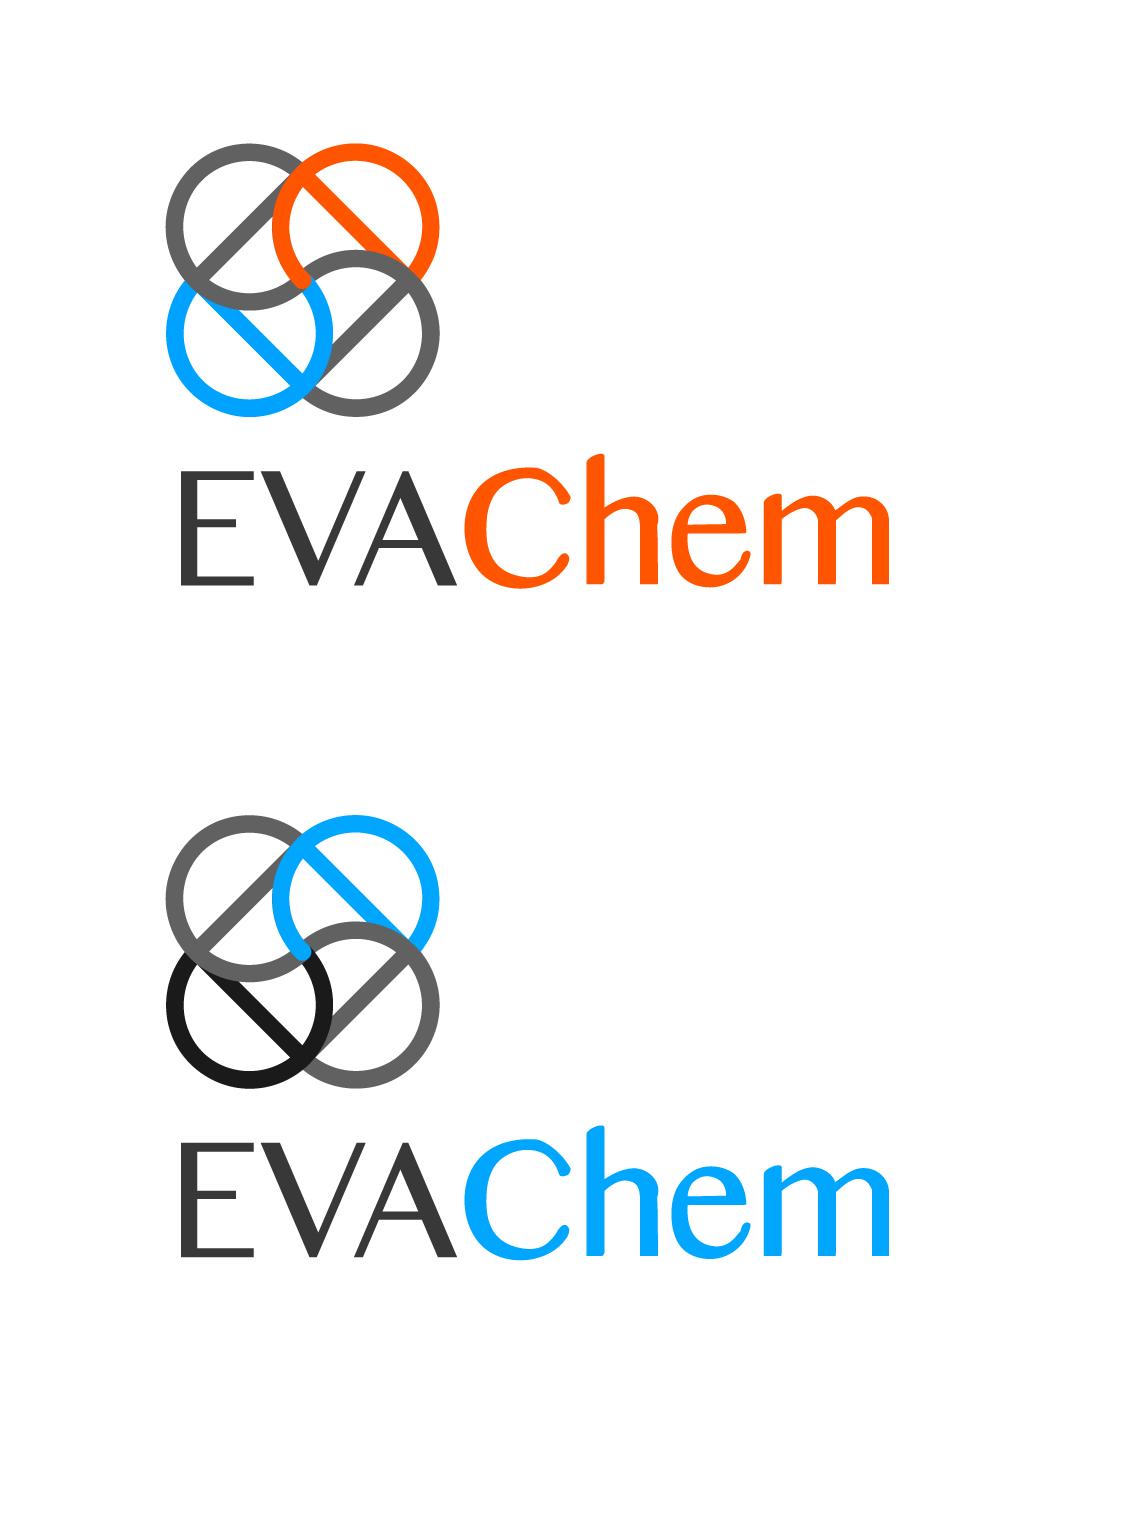 Разработка логотипа и фирменного стиля компании фото f_437572a4cbf90f44.jpg